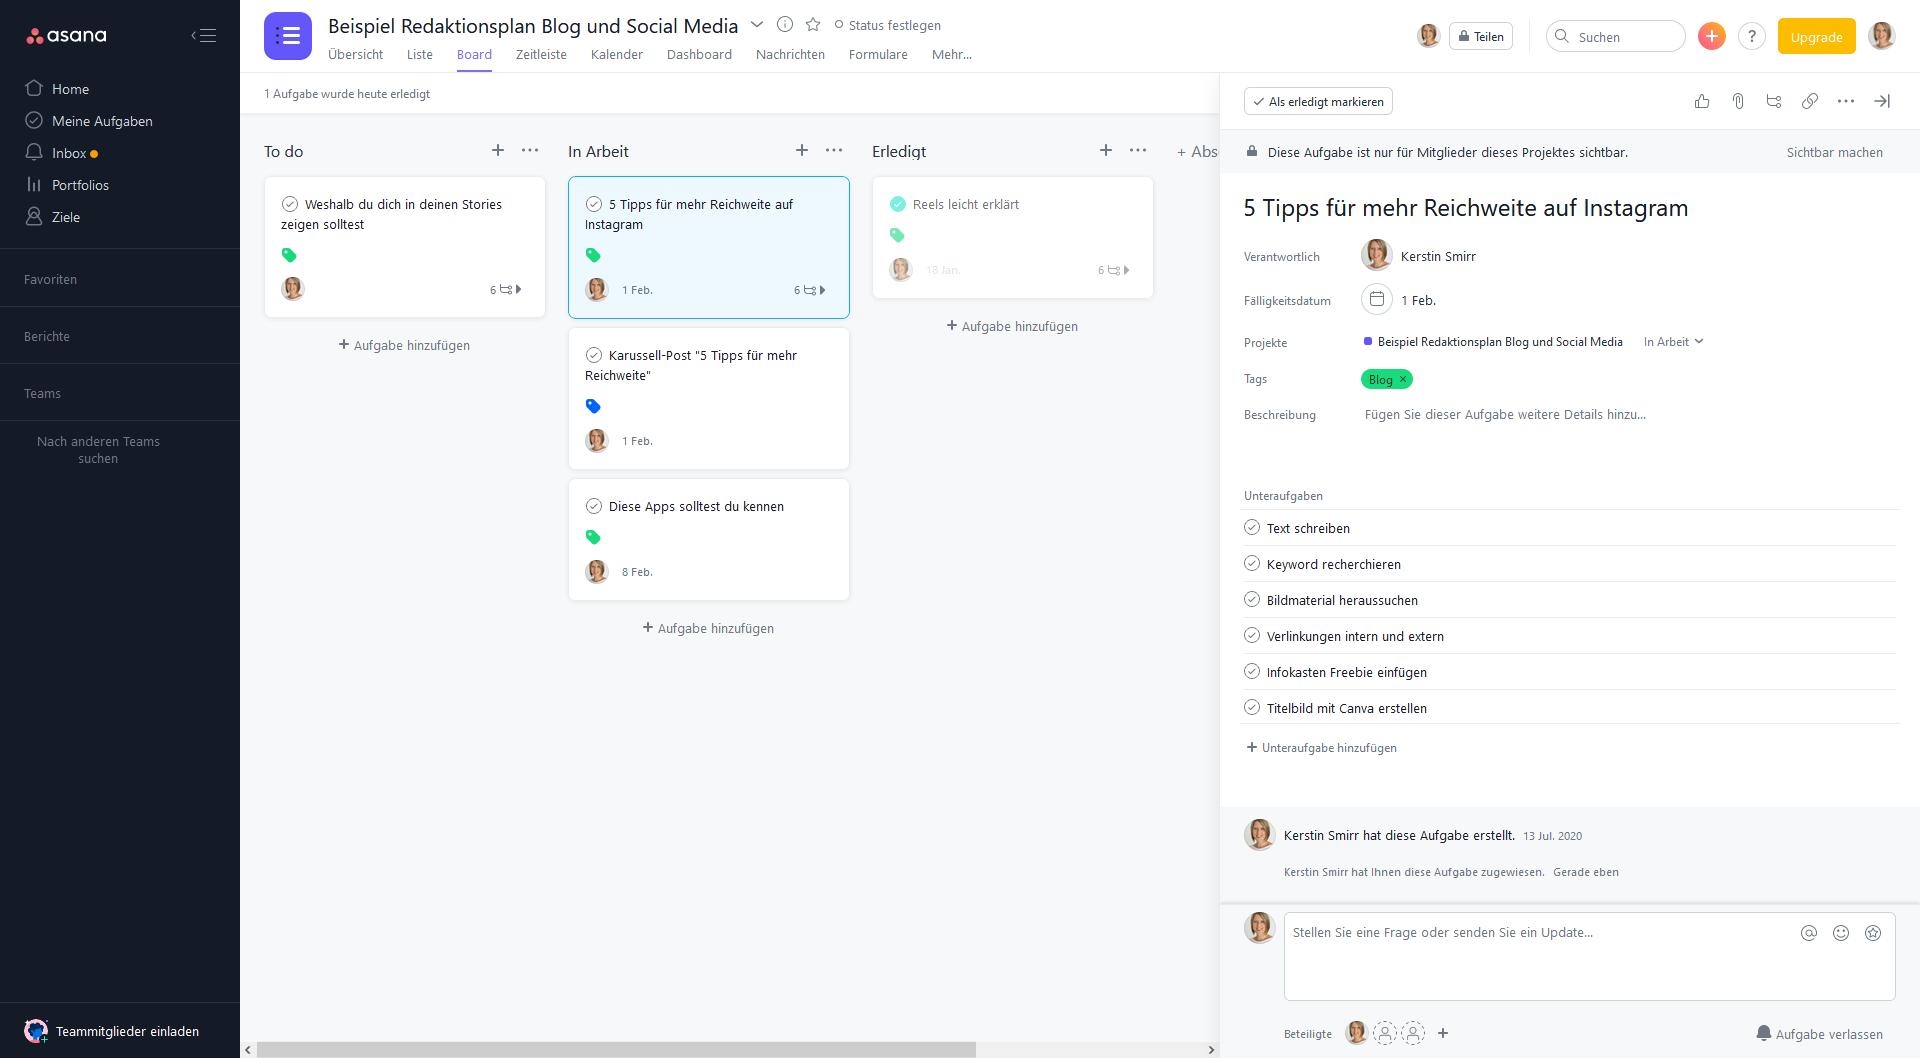 Tools für die Content-Planung bzw. den Redaktionsplan: Asana